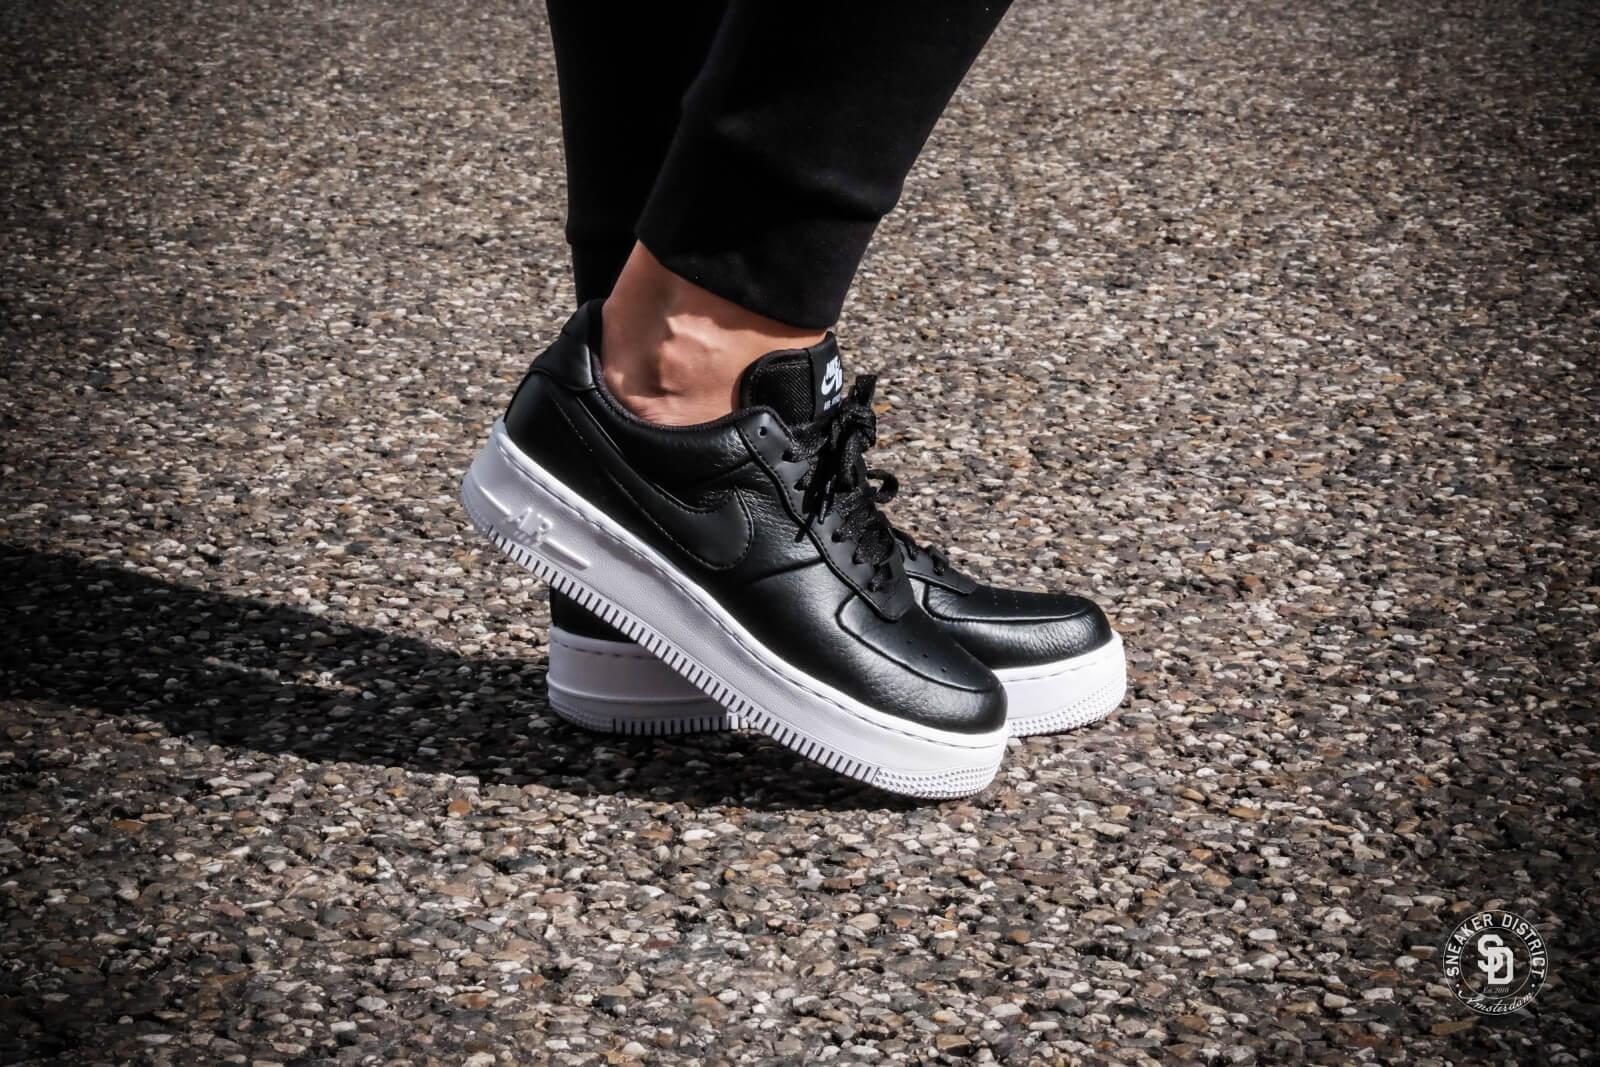 Nike Sportswear Air Force 1 Upstep Black/Black/White